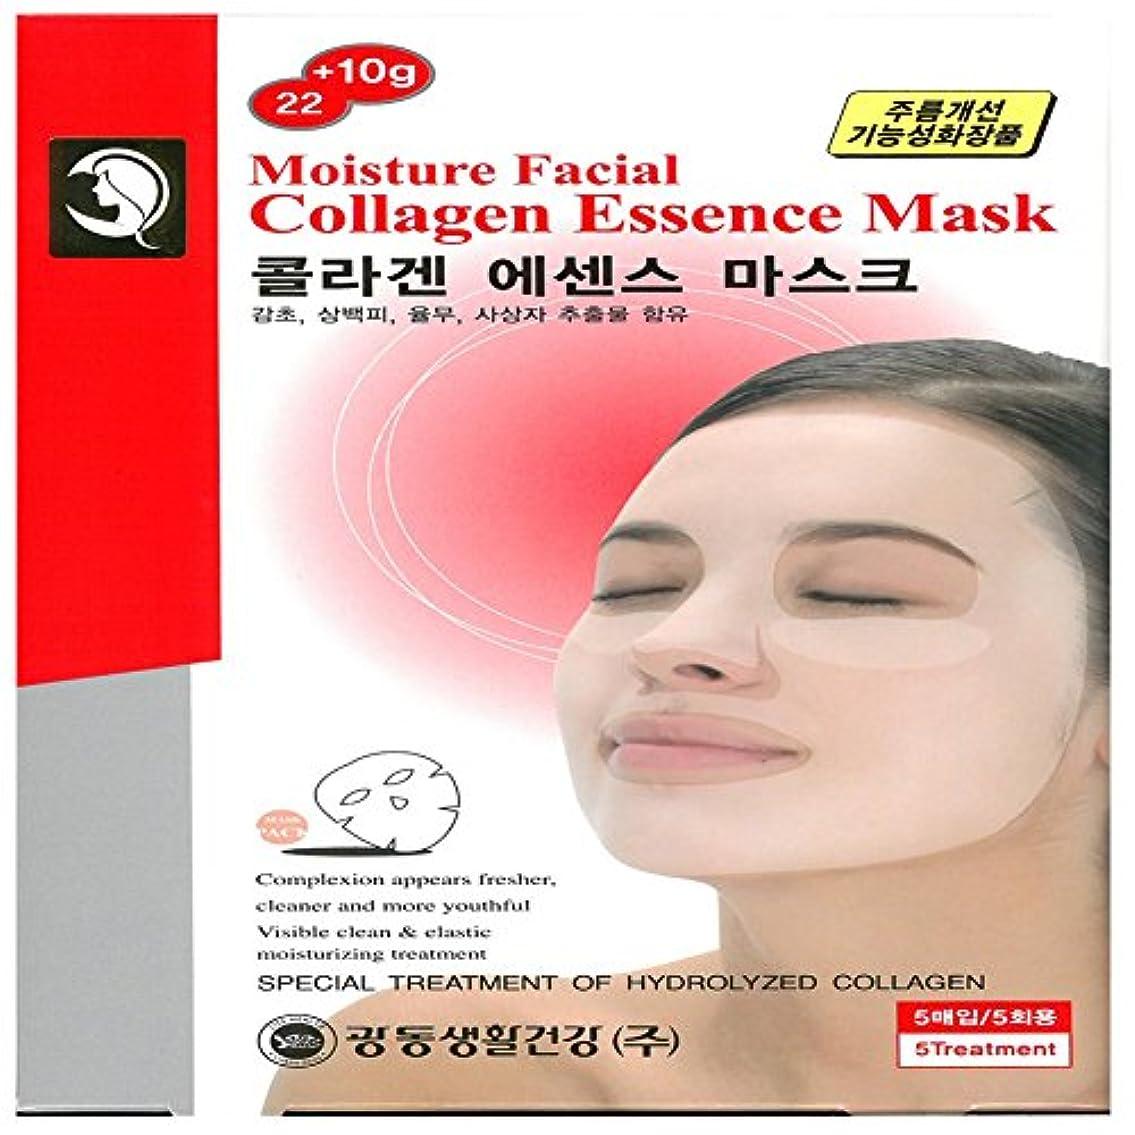 義務付けられた五月イサカ[光東] kwangdong モイスチャーフェイシャルコラーゲンエッセンスマスク Moisture Facial Collagen Essence Mask 32gX5ea (海外直送品) [並行輸入品]